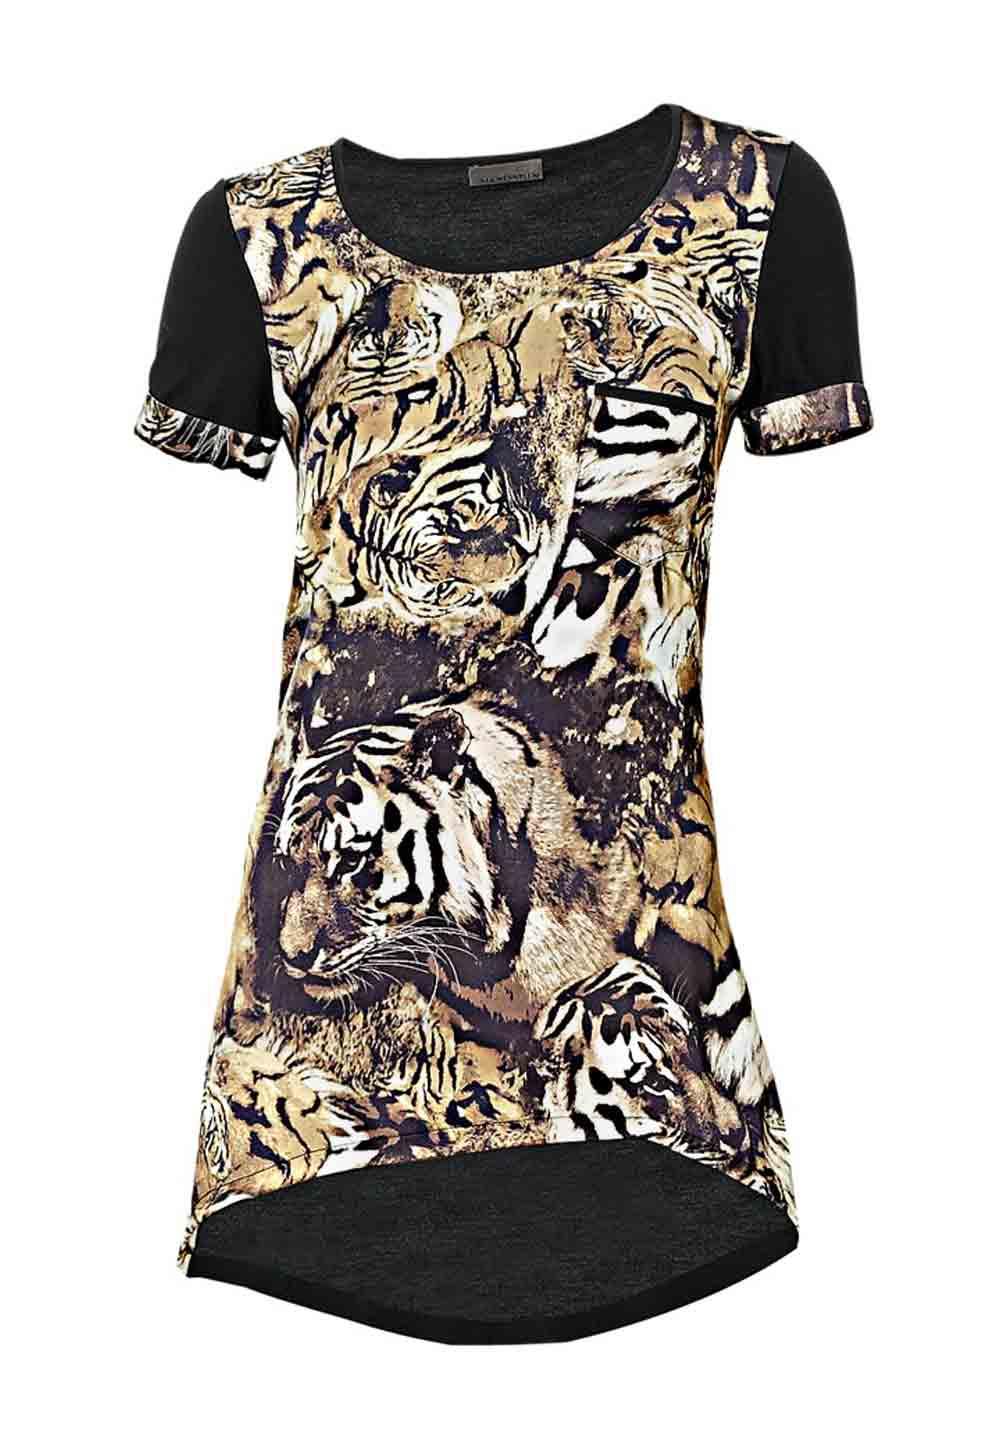 002.726 MANDARIN Damen-Animalprint-Shirt Schwarz-Goldfarben